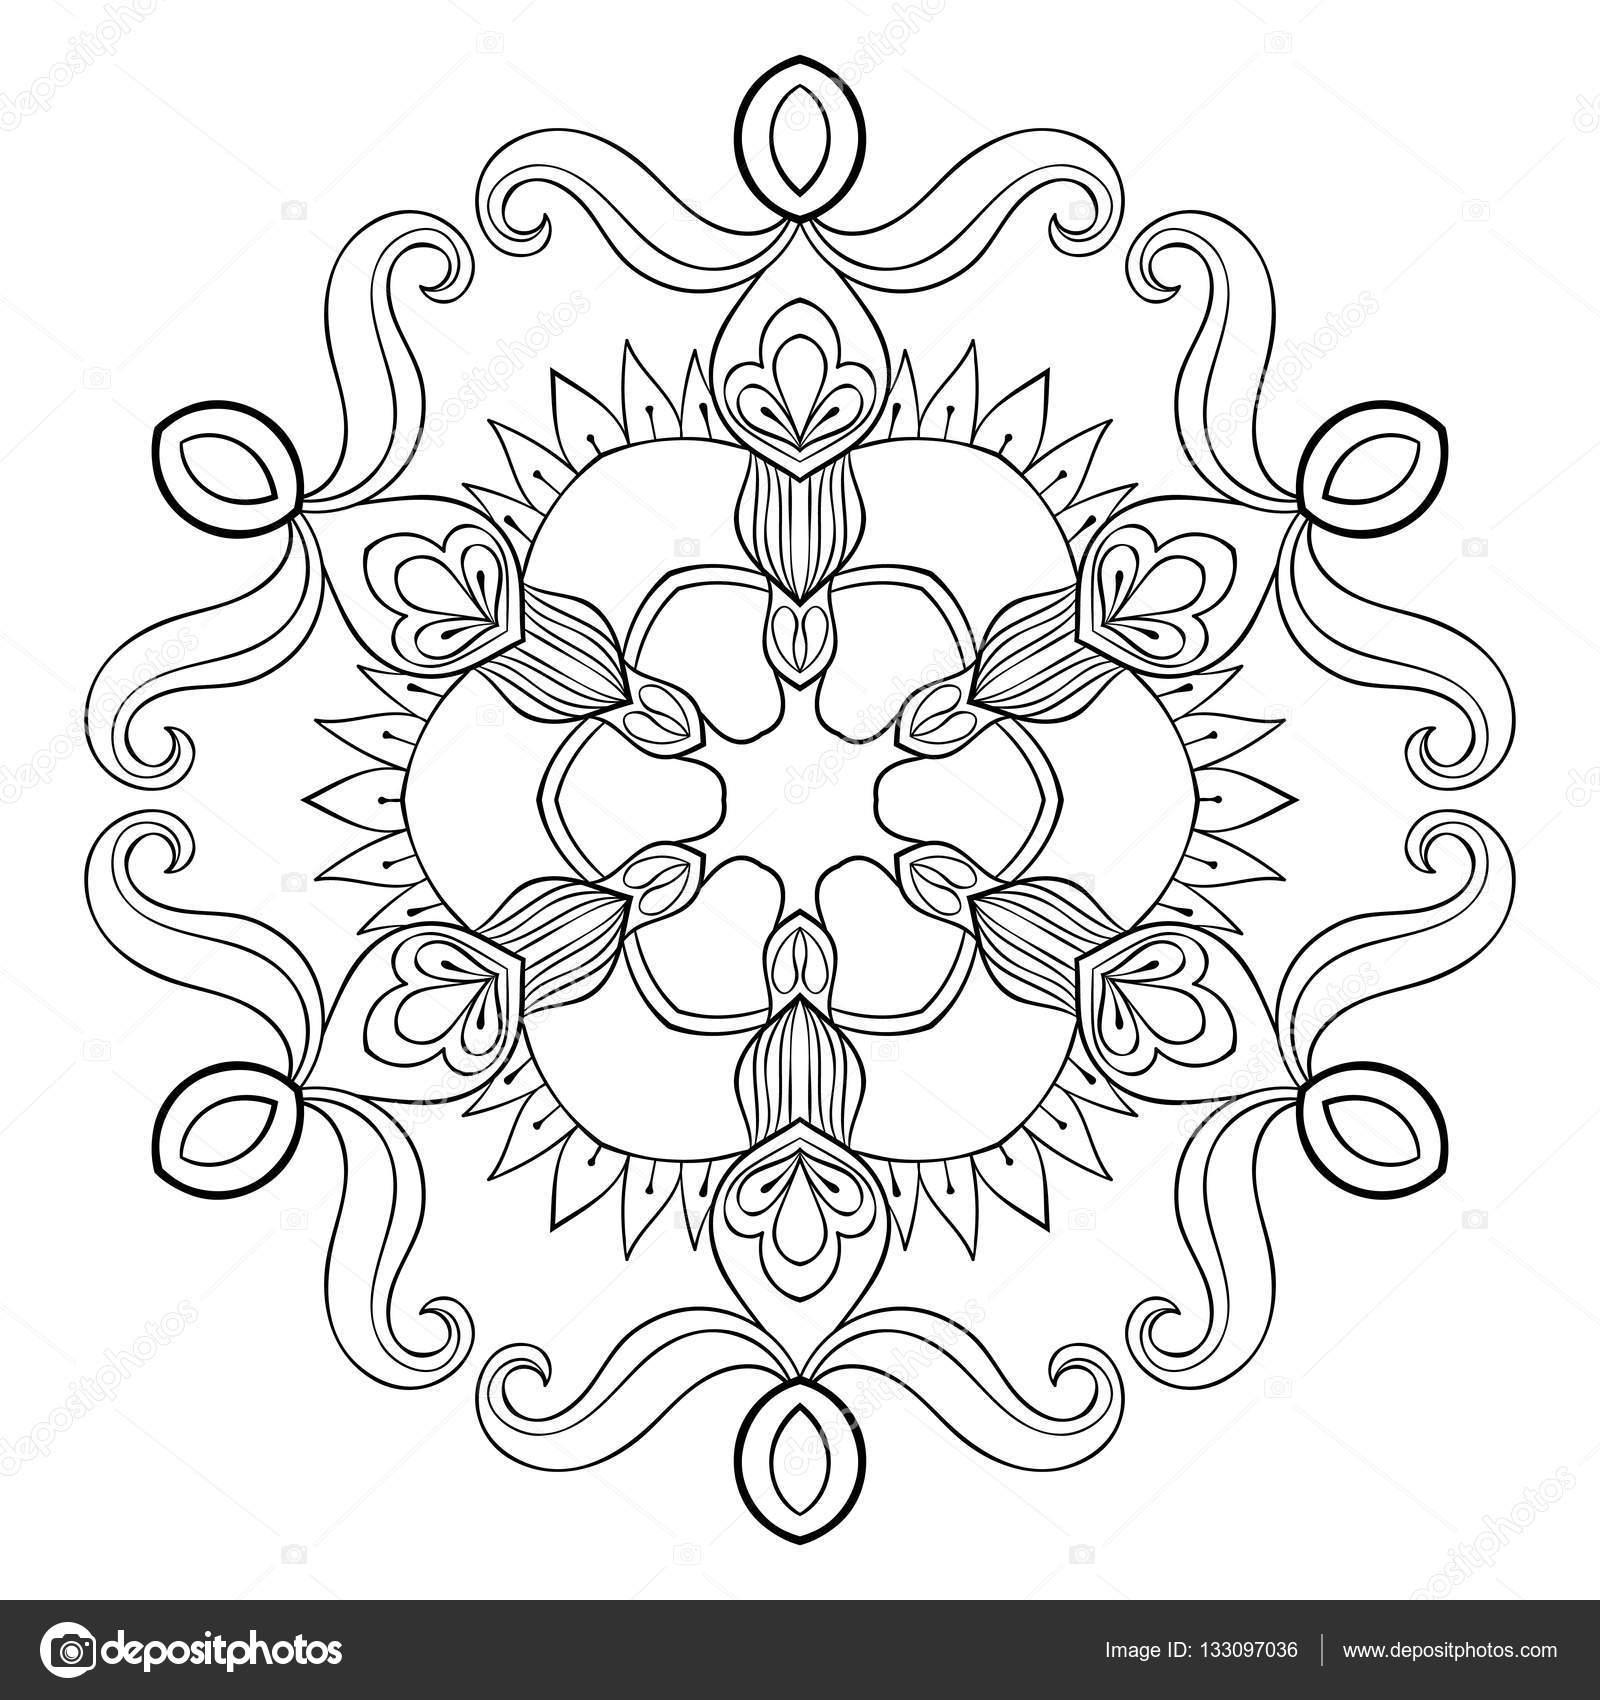 Flocon de neige détouré vecteur papier en zentangle style mandala pour adultes coloriages Illustration d ornement hiver  main levée pour la décoration